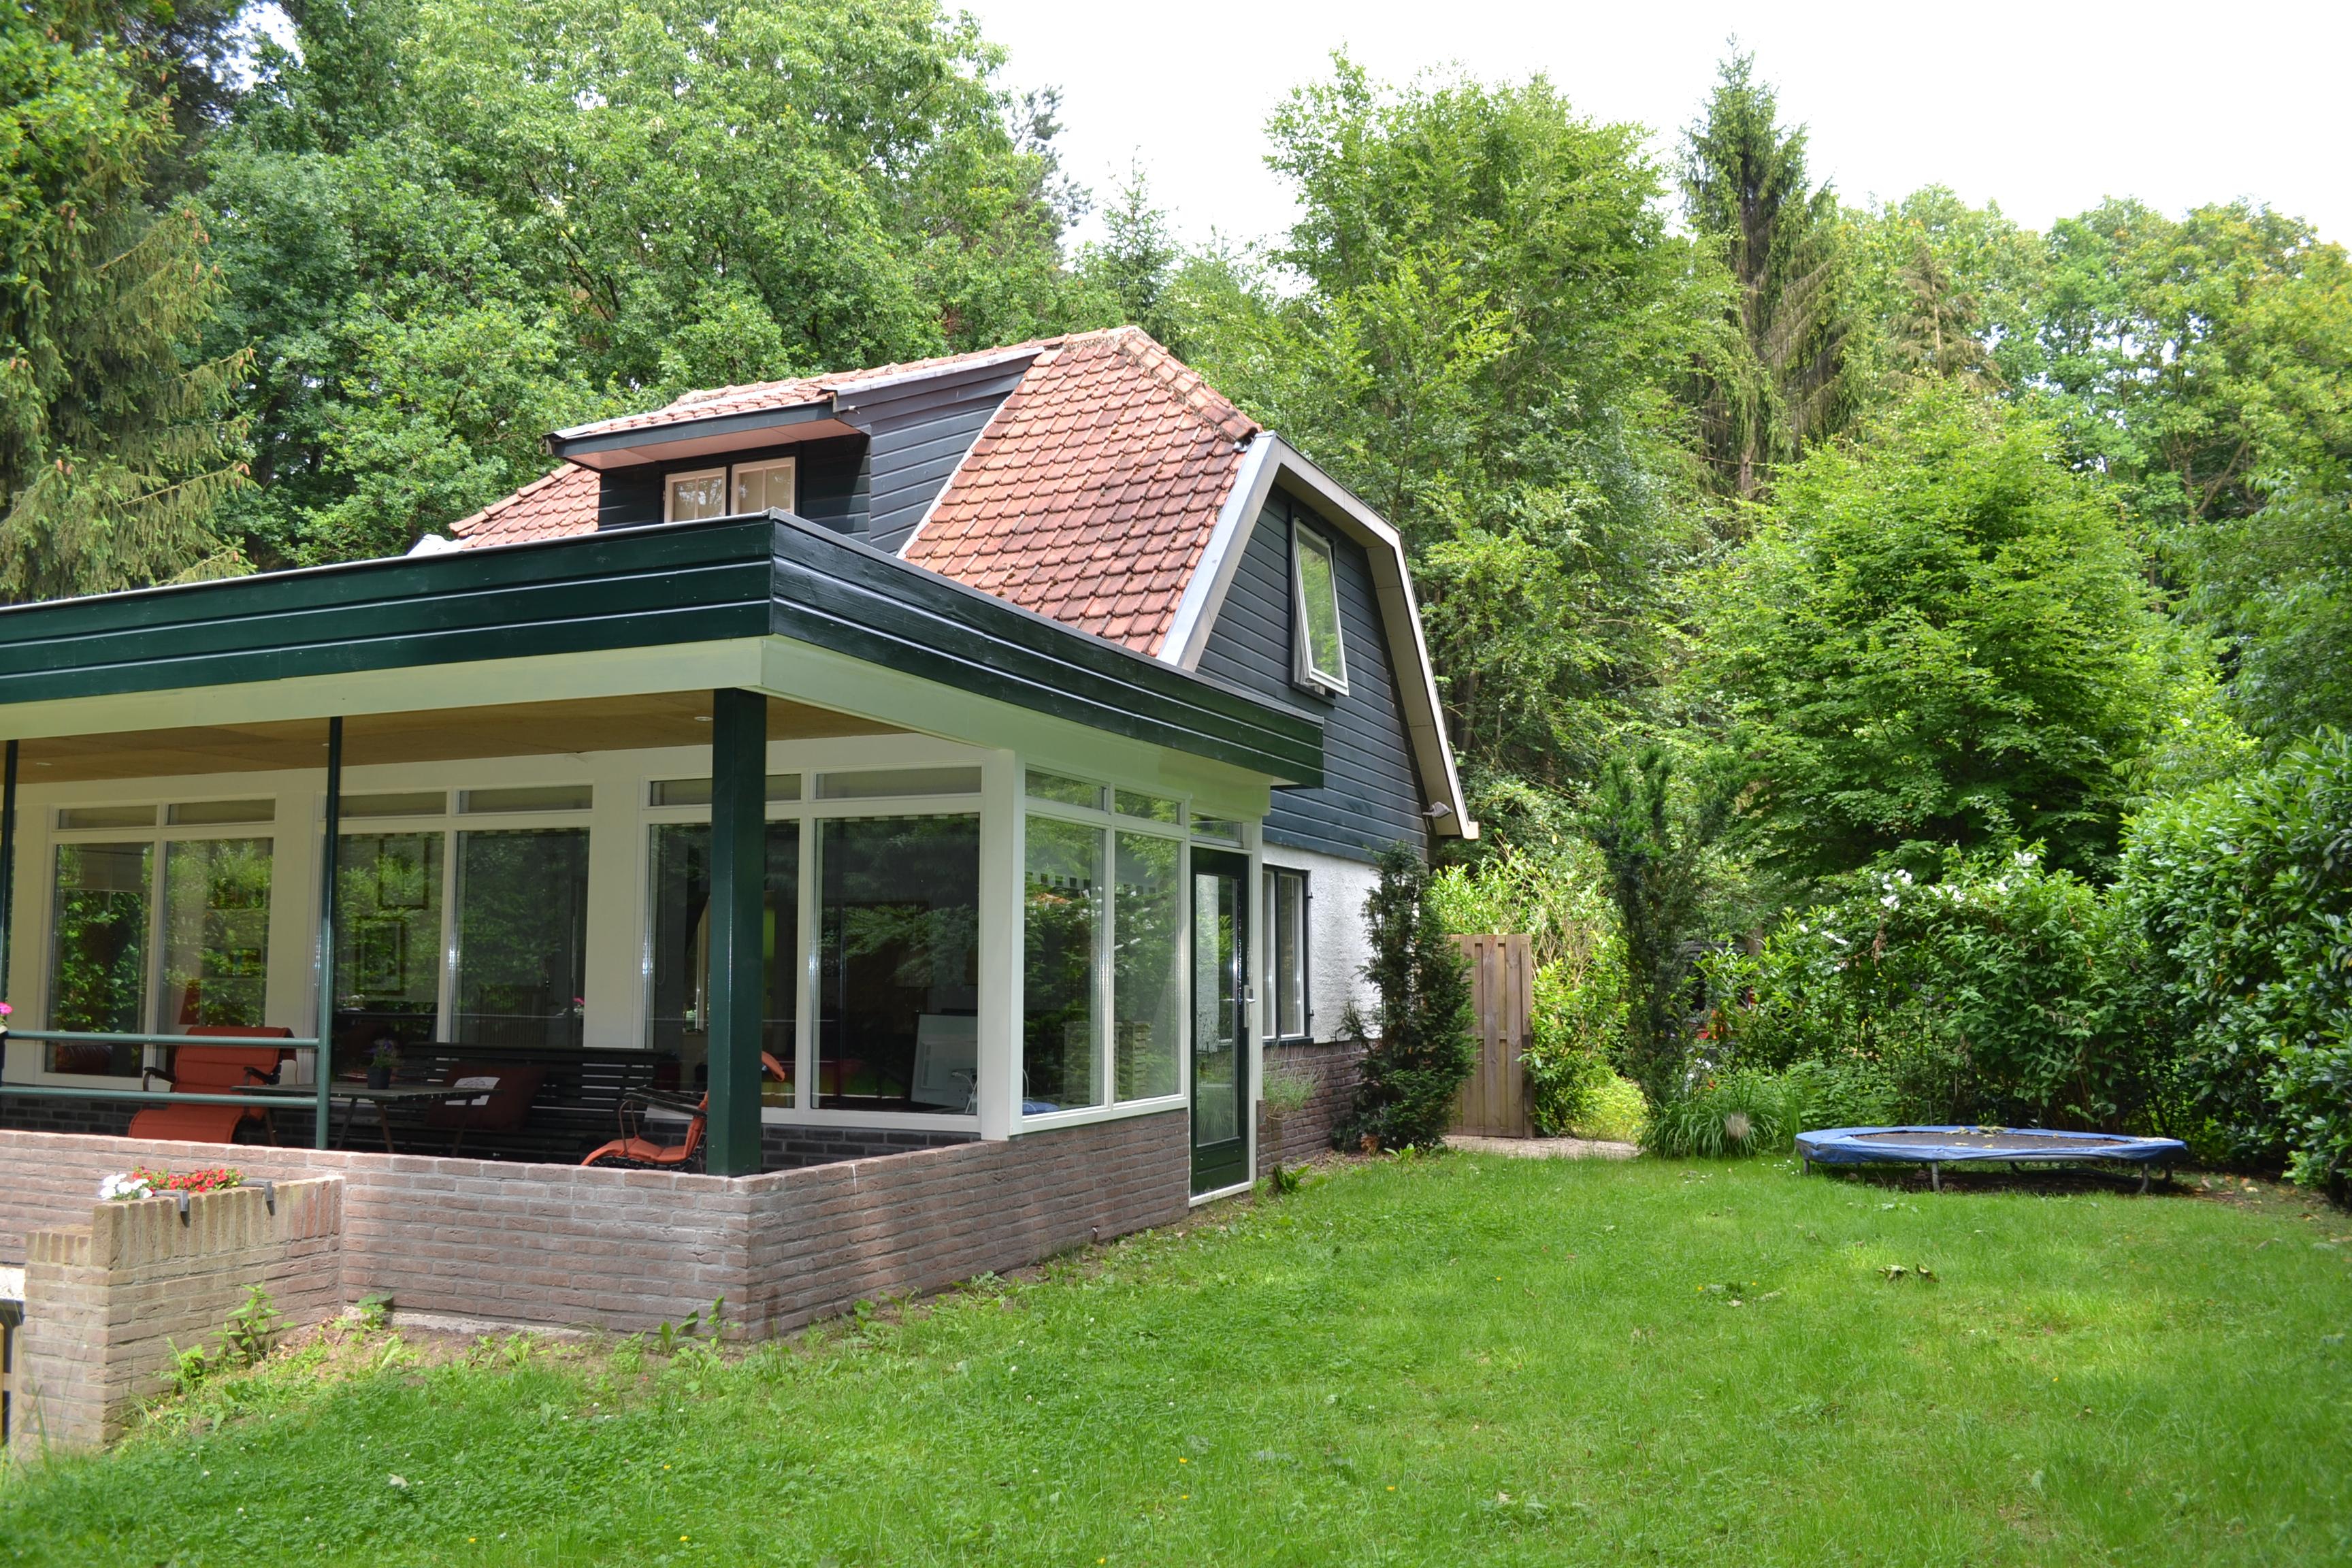 zijkant huis met trampoline